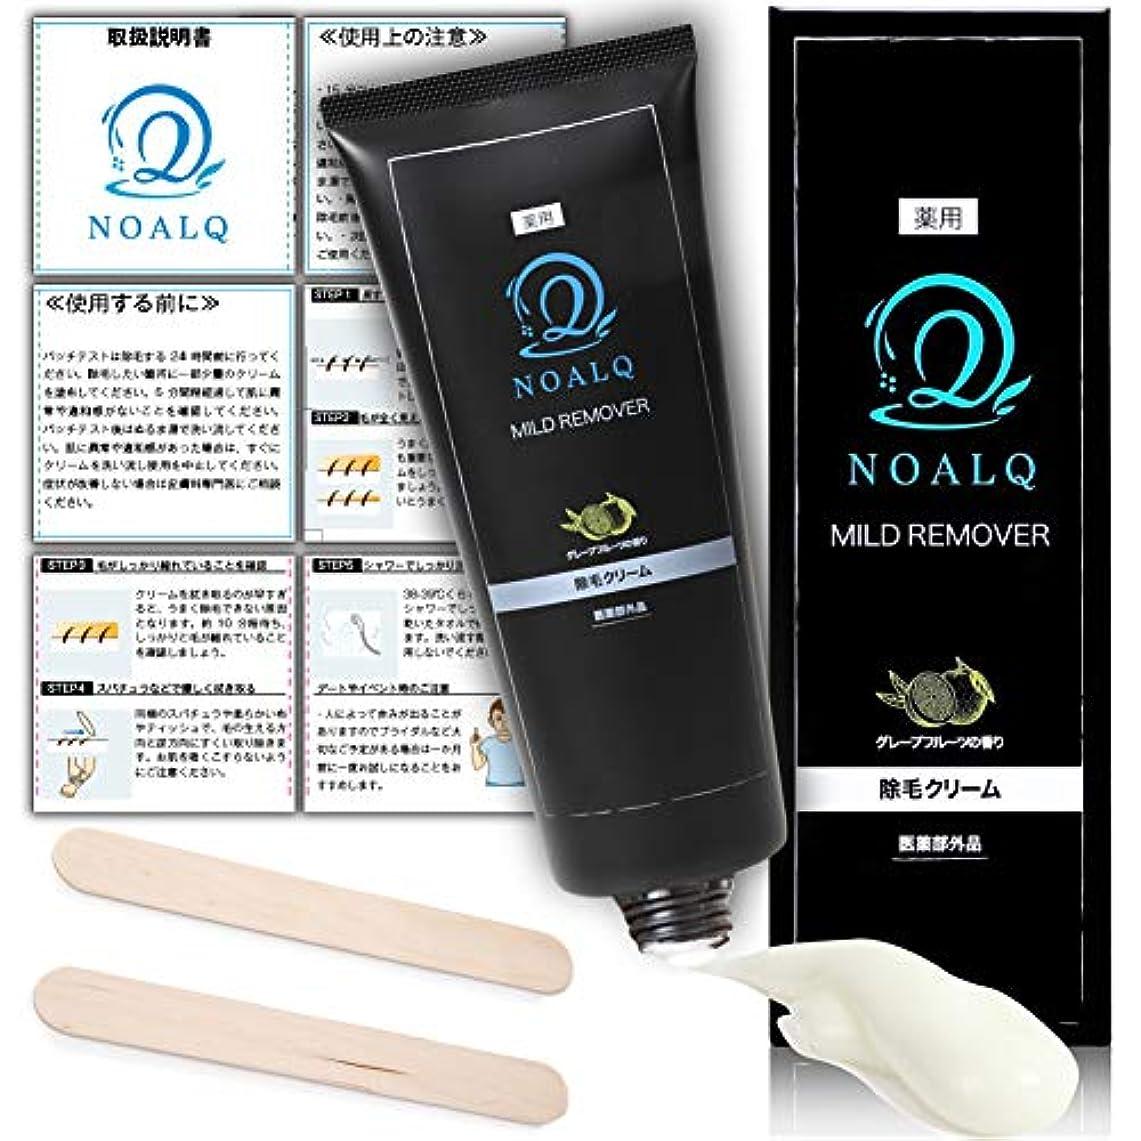 順応性財産バルクNOALQ(ノアルク) 除毛クリーム 薬用リムーバークリーム 超大容量220g メンズ [陰部/VIO/アンダーヘア/ボディ用] 日本製 グレープフルーツフレーバータイプ